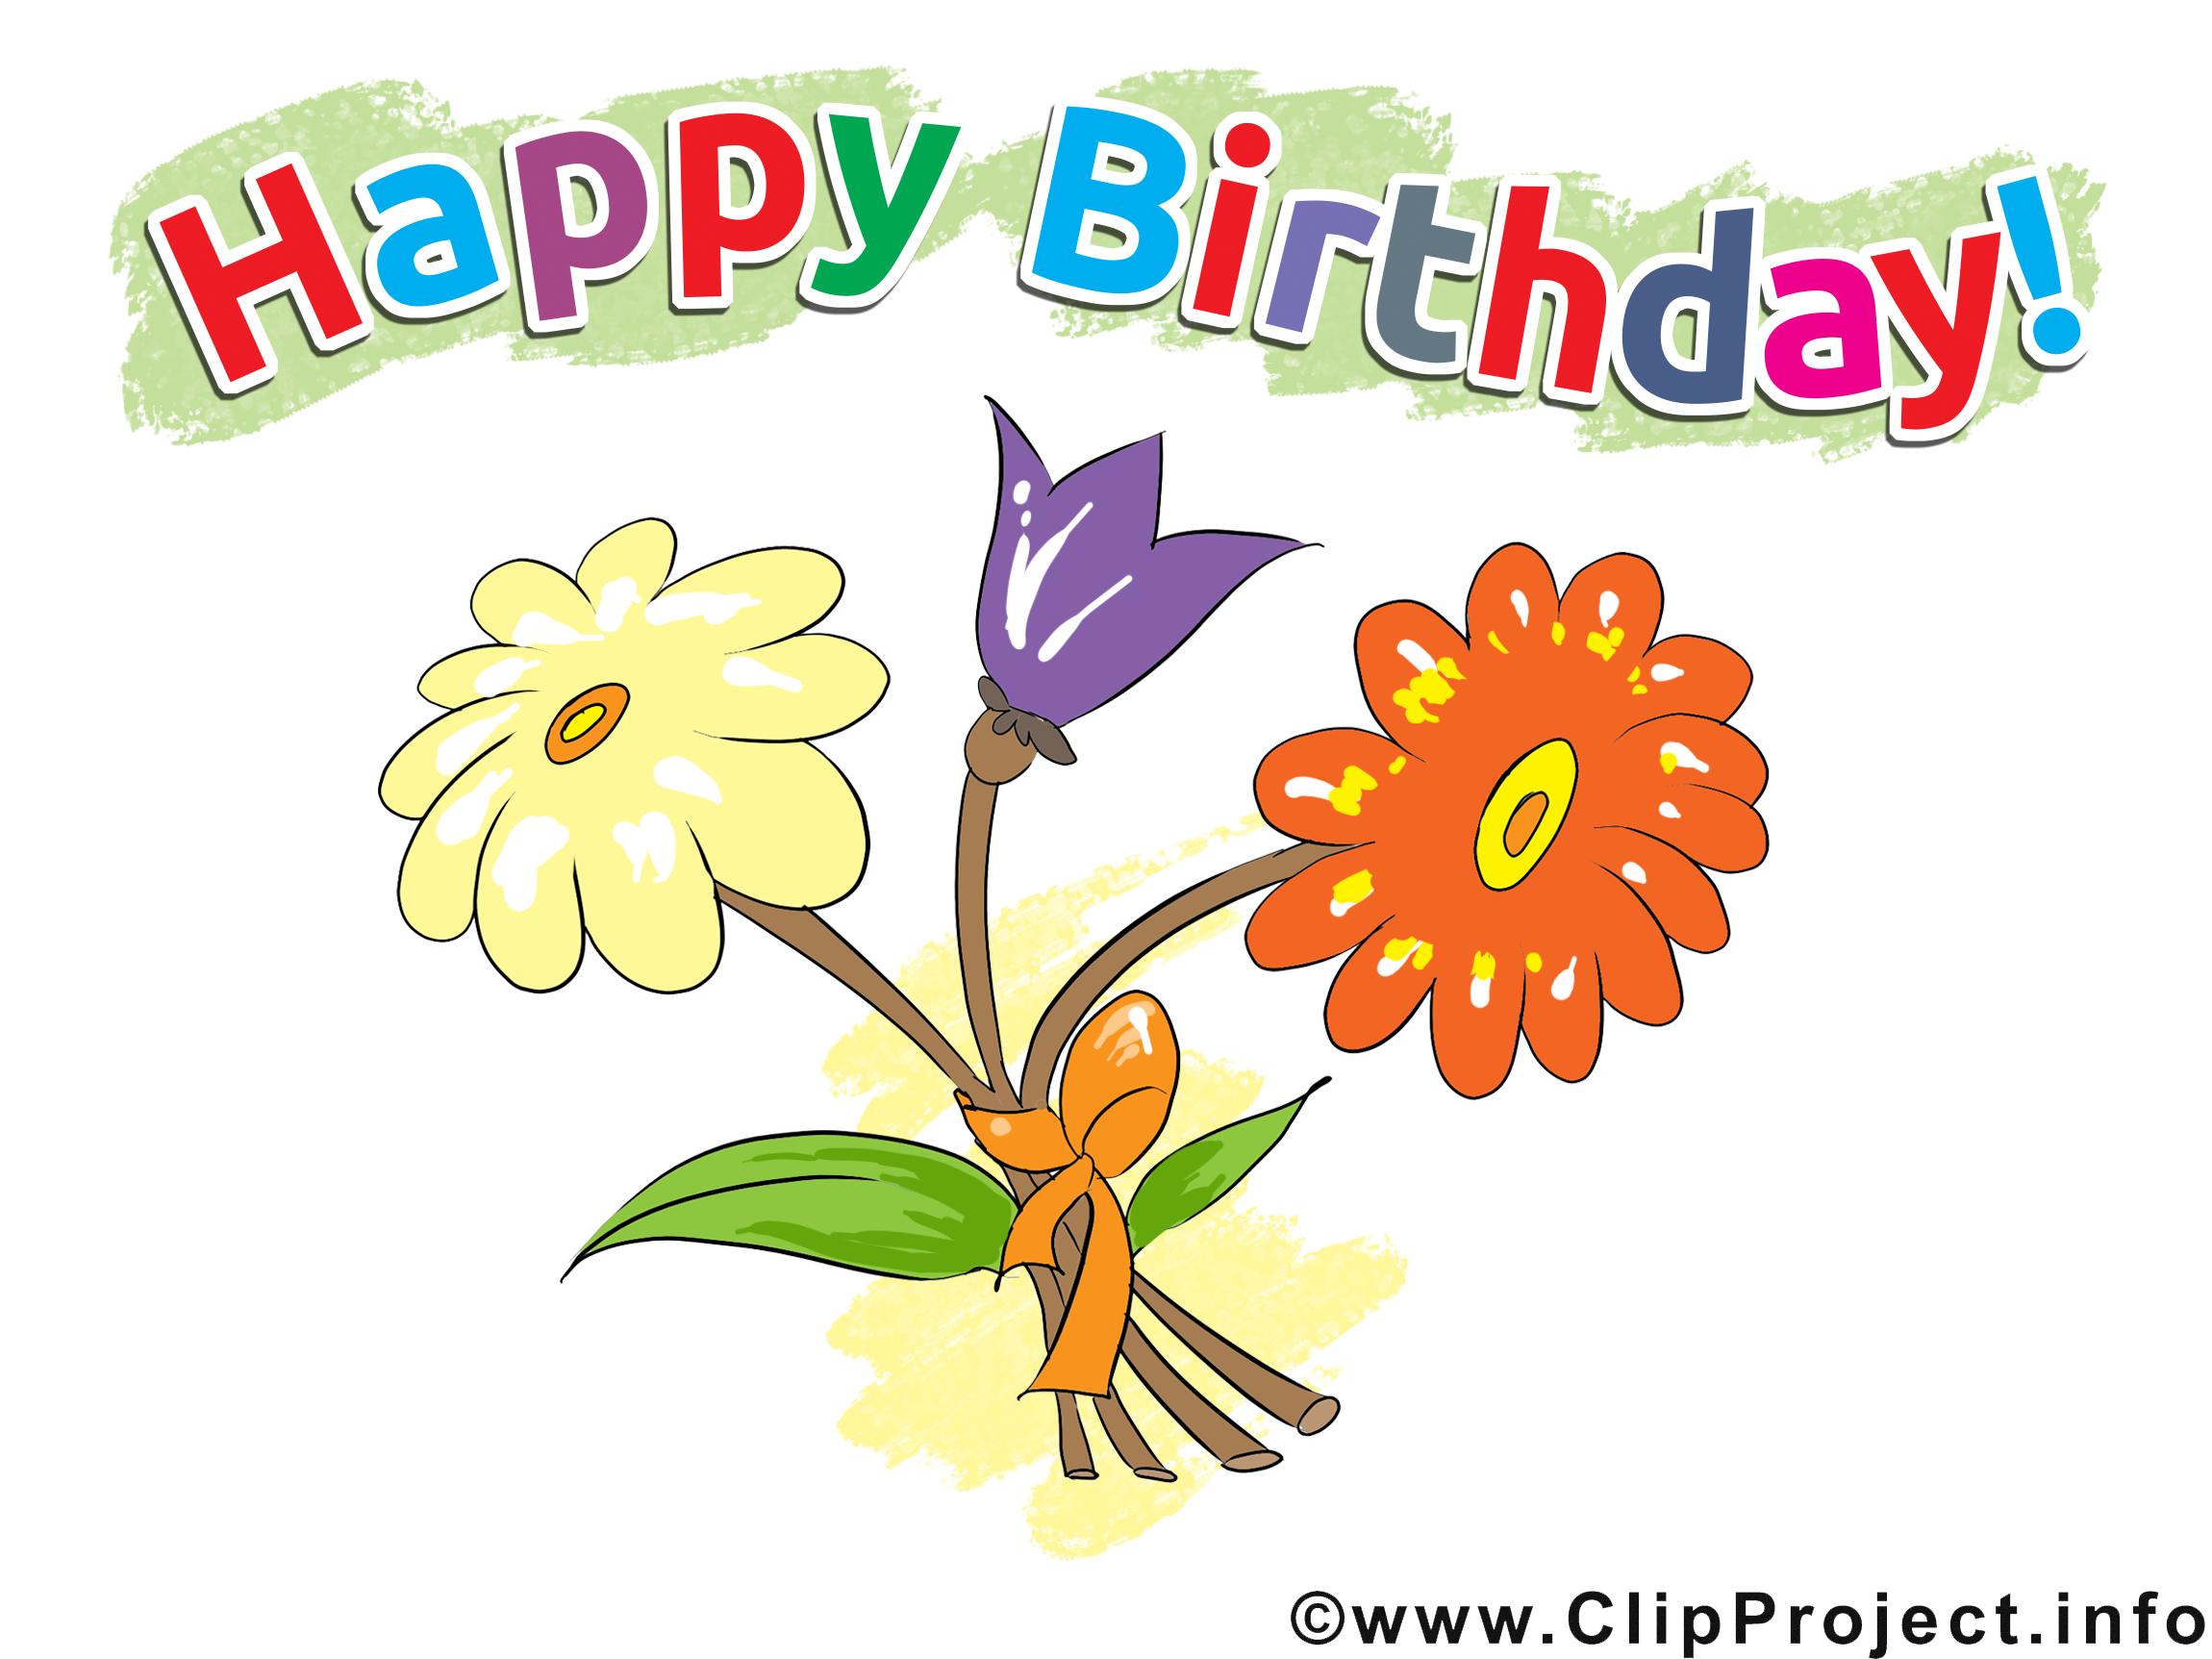 Fleurs image anniversaire images cliparts cartes - Clipart anniversaire gratuit ...